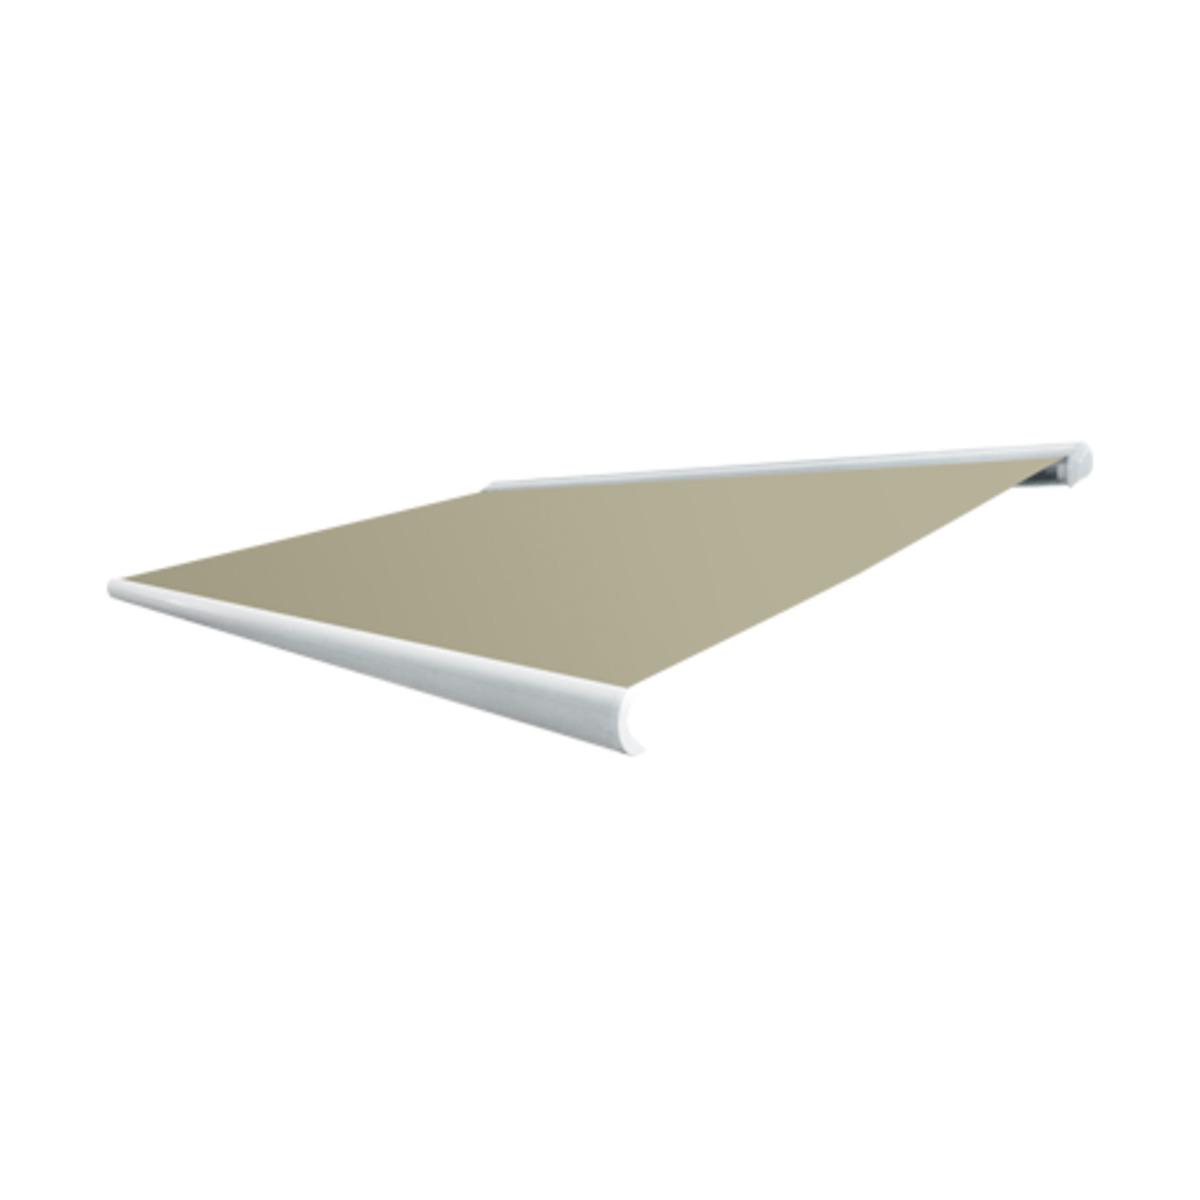 Bild 3 von LED-Vollkassettenmarkise 400x300 cm, sandfarben1